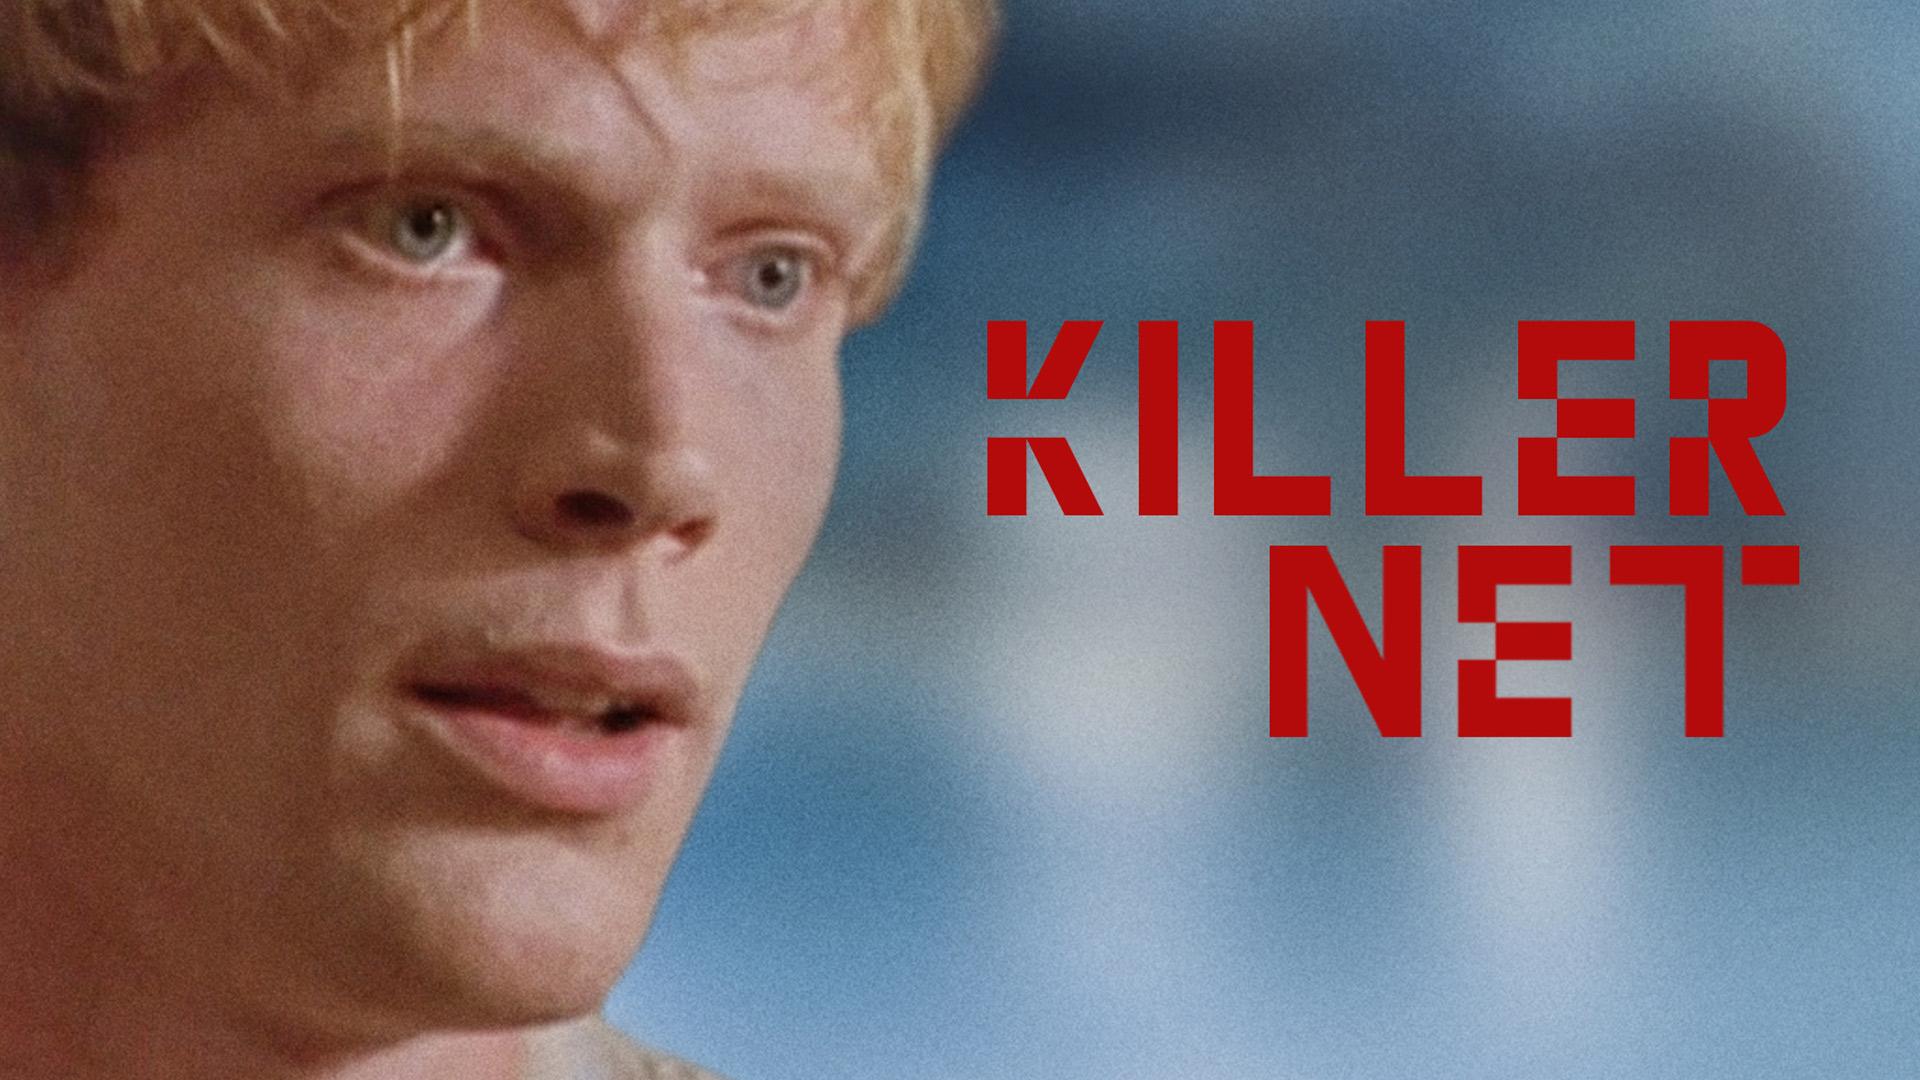 Killer Net - Series 1